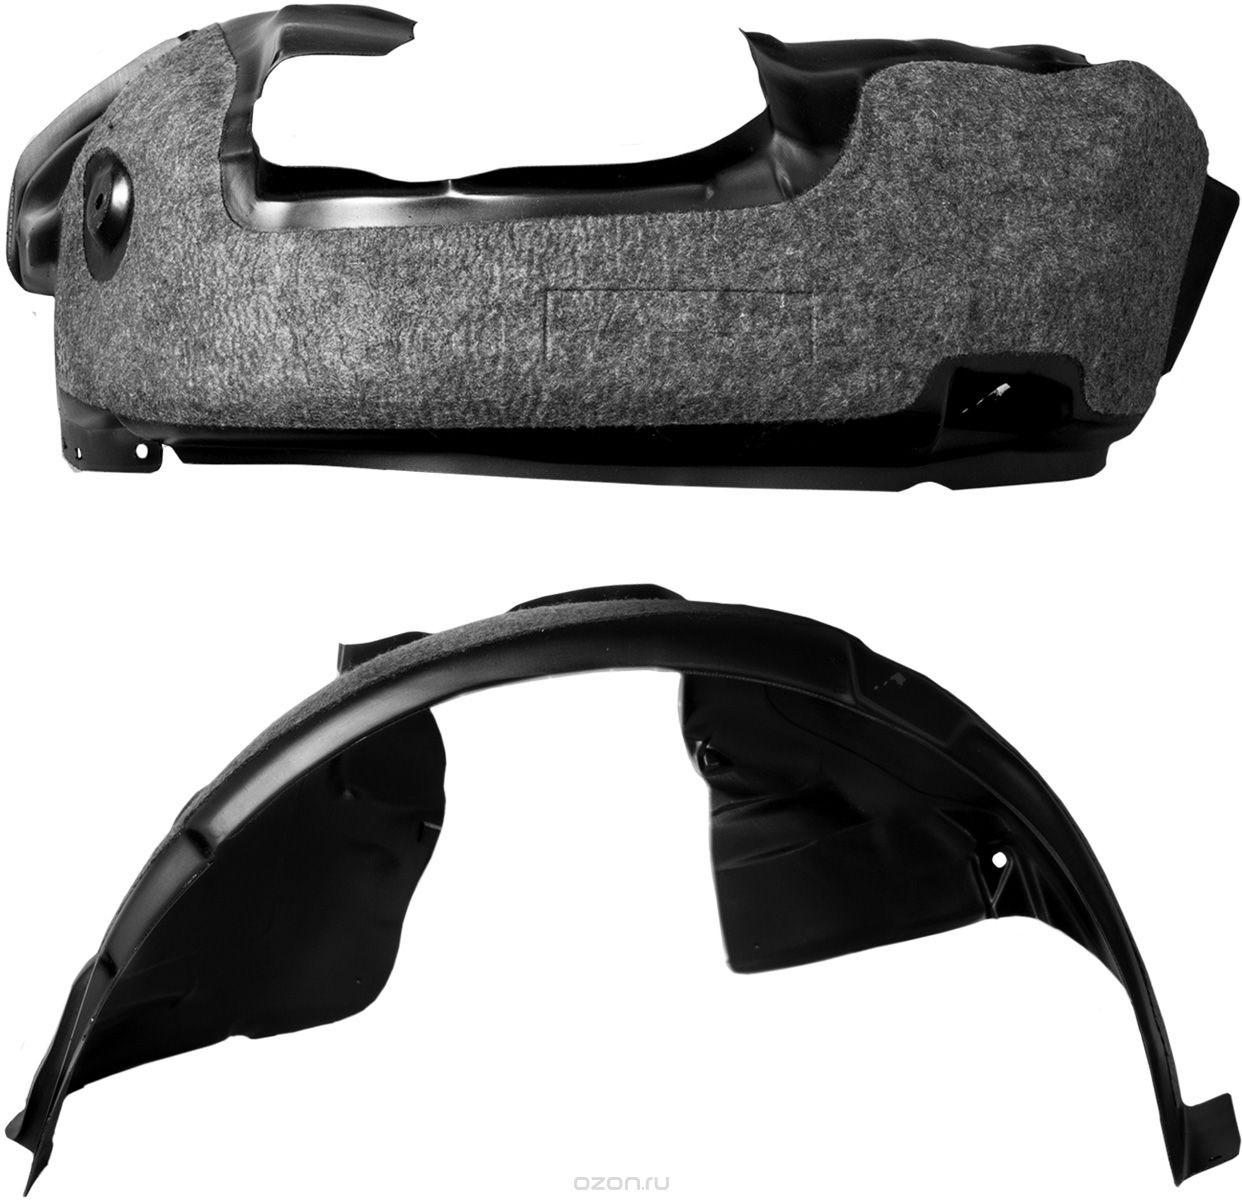 Подкрылок Novline-Autofamily с шумоизоляцией, для Hyundai Solaris, 2014->, седан, задний правыйNLS.20.43.004.01Идеальная защита колесной ниши. Локеры разработаны с применением цифровых технологий, гарантируют максимальную повторяемость поверхности арки. Изделия устанавливаются без нарушения лакокрасочного покрытия автомобиля, каждый подкрылок комплектуется крепежом. Уважаемые клиенты, обращаем ваше внимание, что фотографии на подкрылки универсальные и не отражают реальную форму изделия. При этом само изделие идет точно под размер указанного автомобиля.